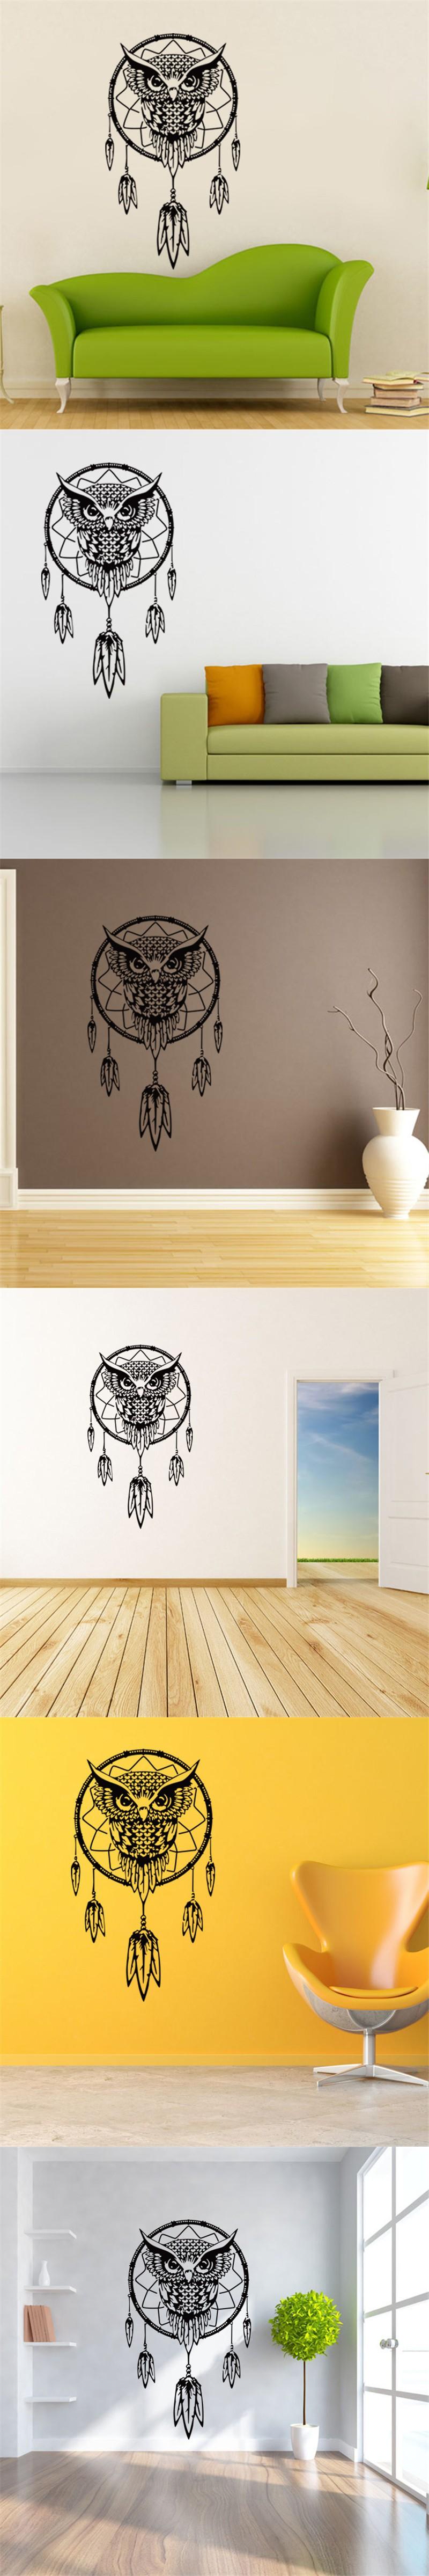 2016 Art Design Indian Dream Catcher Vinyl Owl home Decor Wall ...